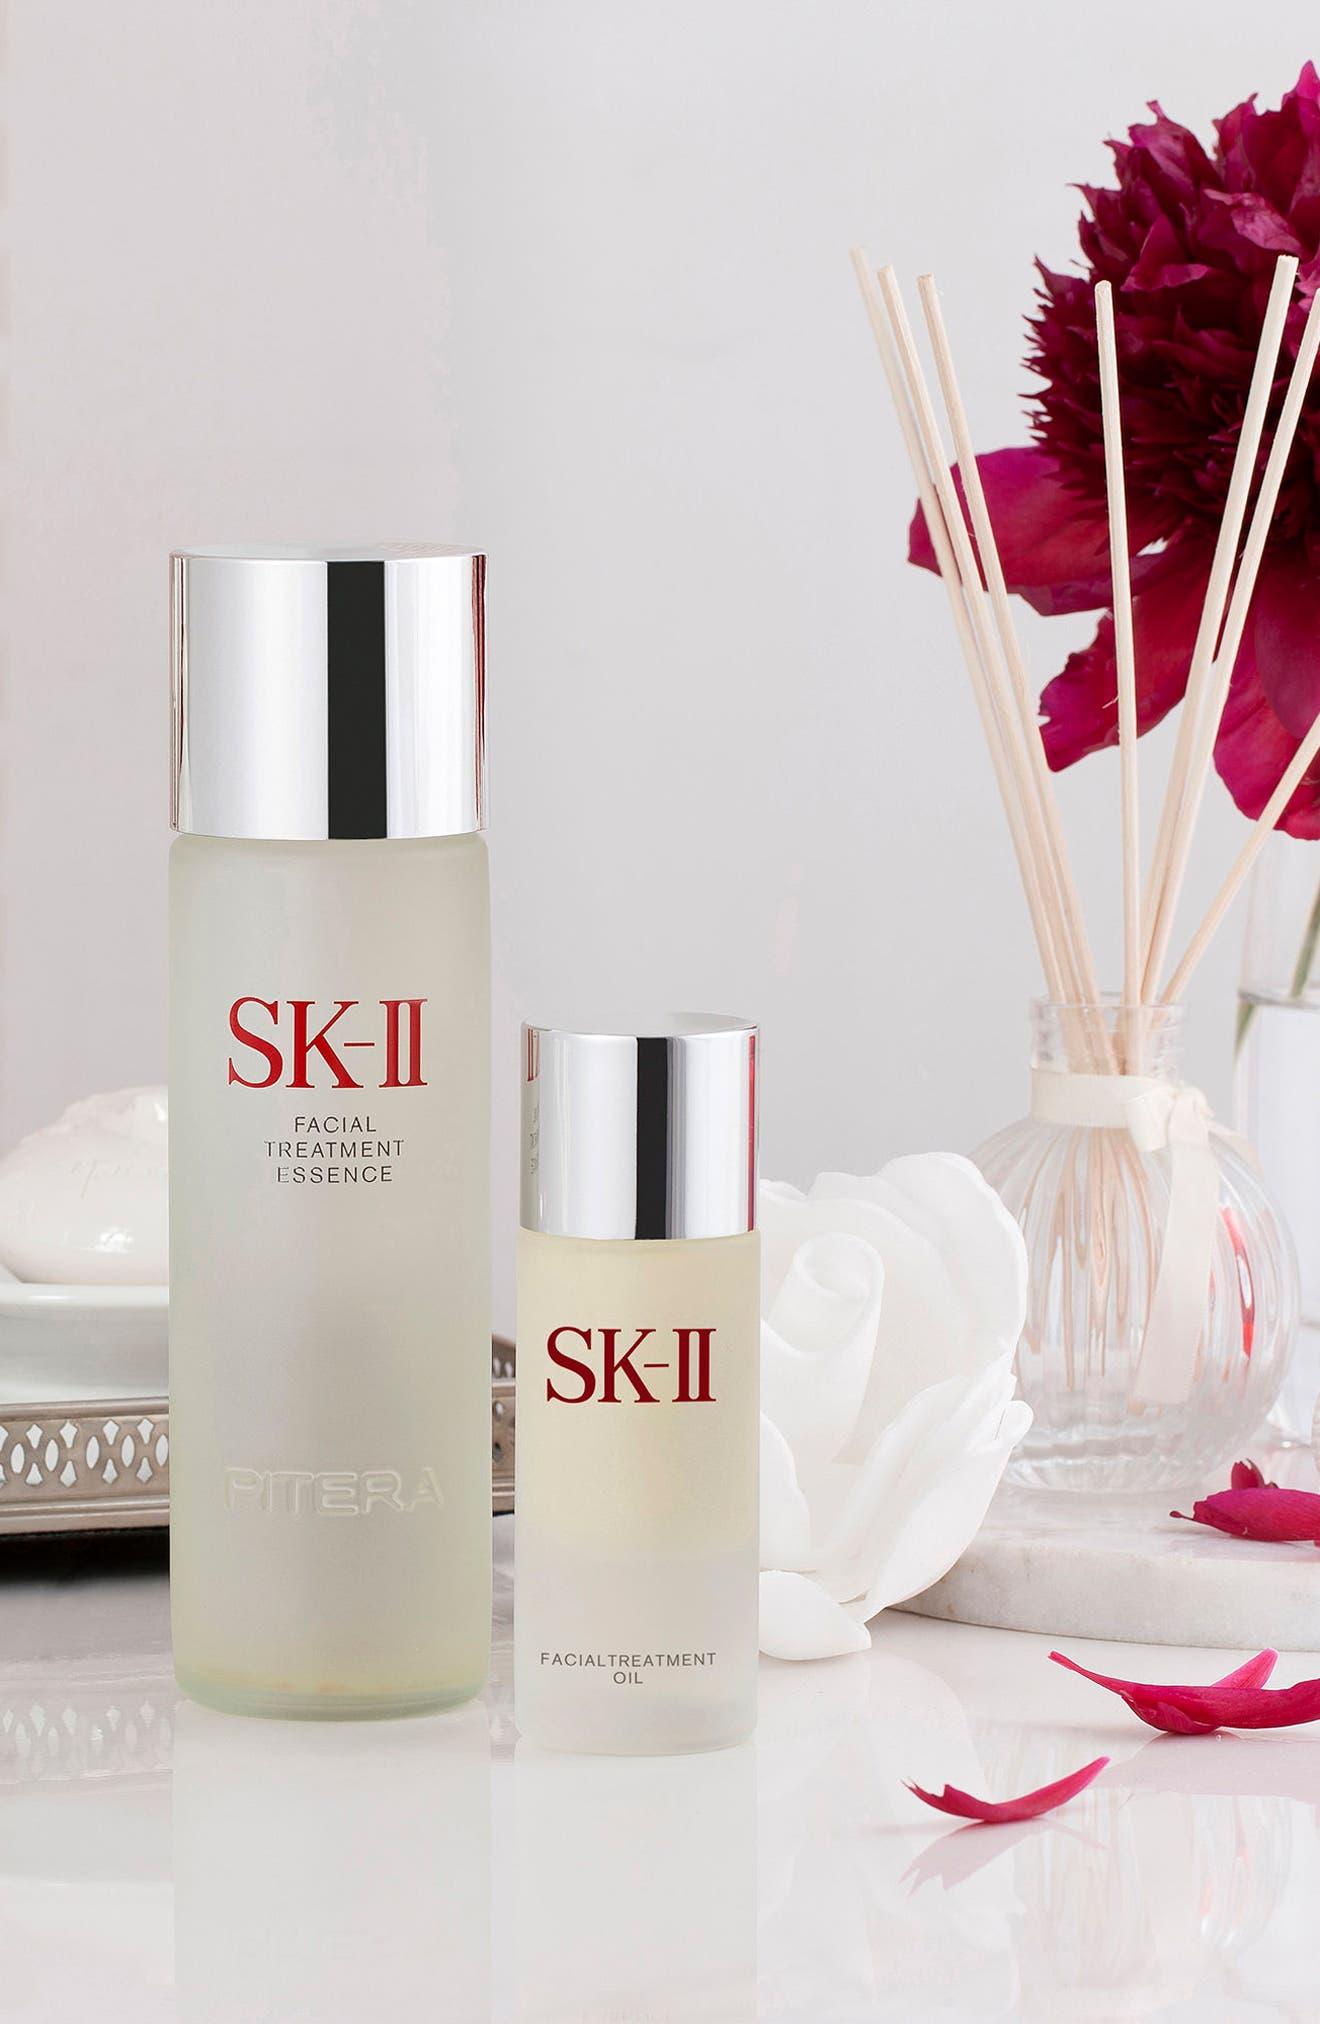 SK-II,                             Facial Treatment Oil,                             Alternate thumbnail 2, color,                             NO COLOR